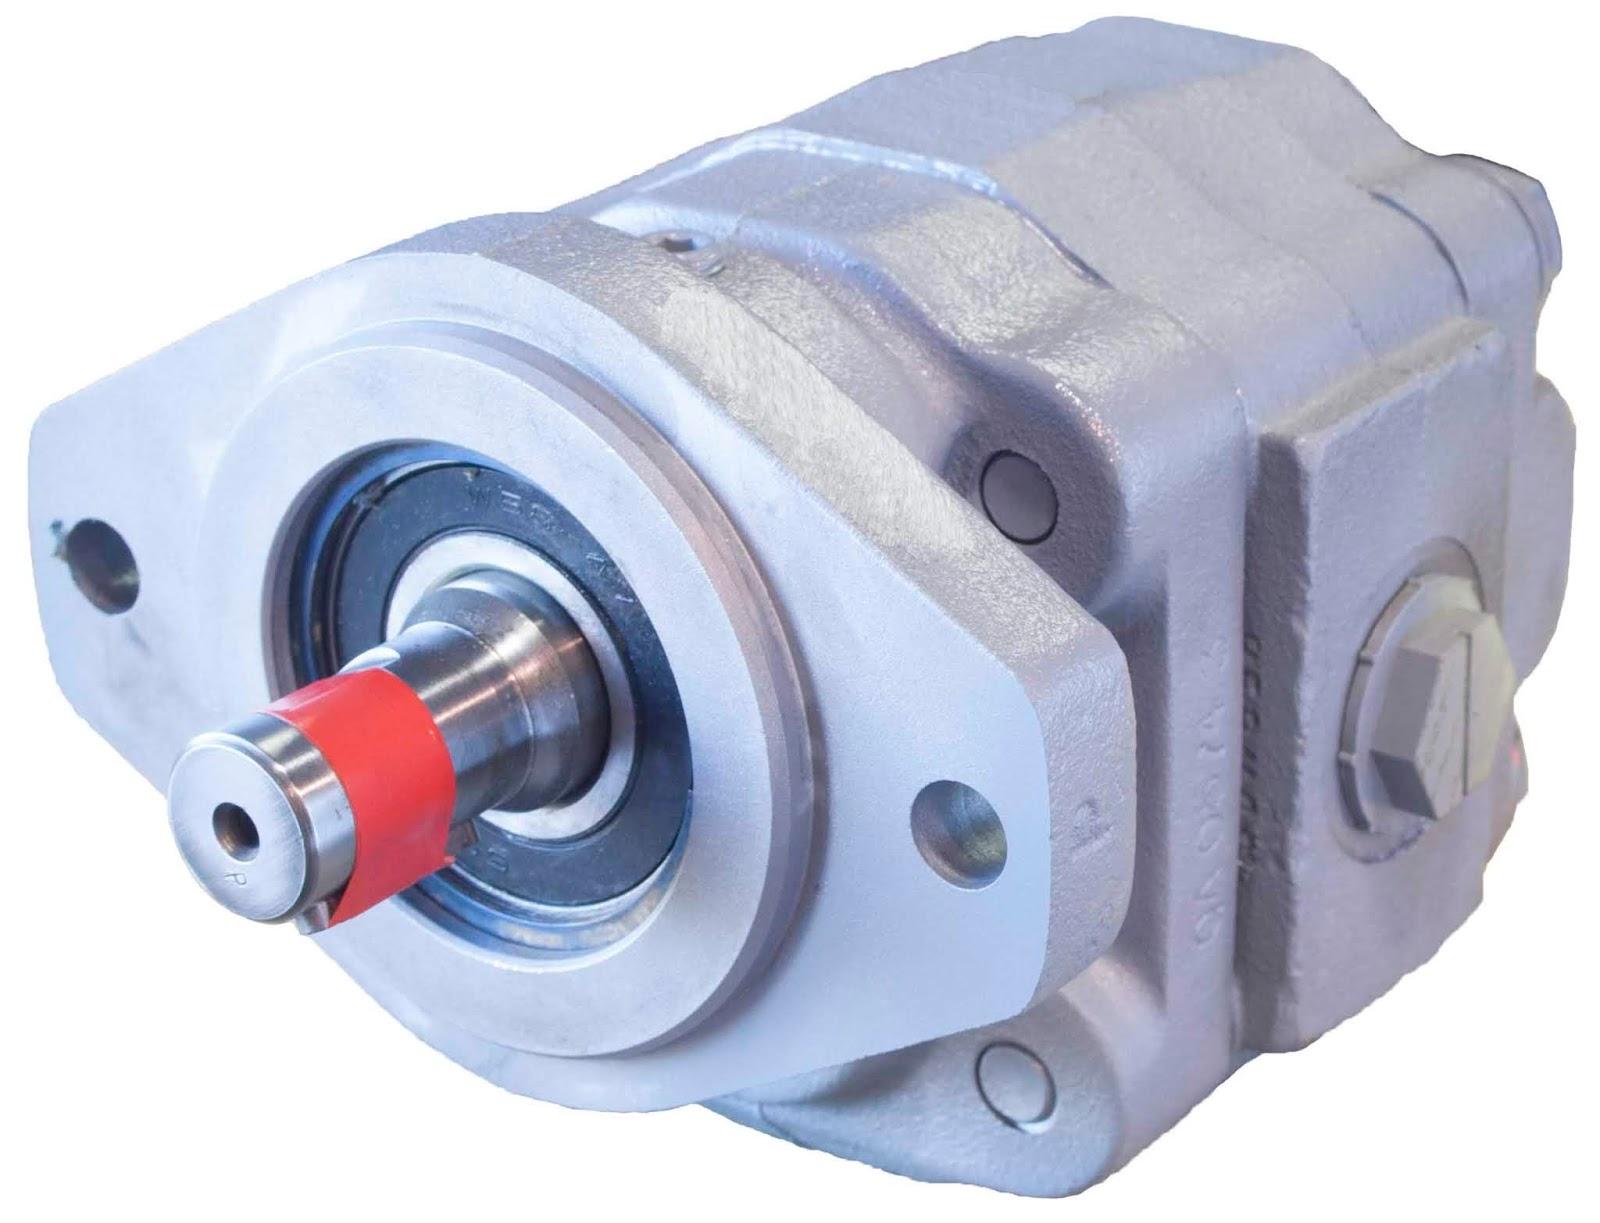 Flint Hydraulics, Inc : Hydraulic pumps, motors, valves & parts